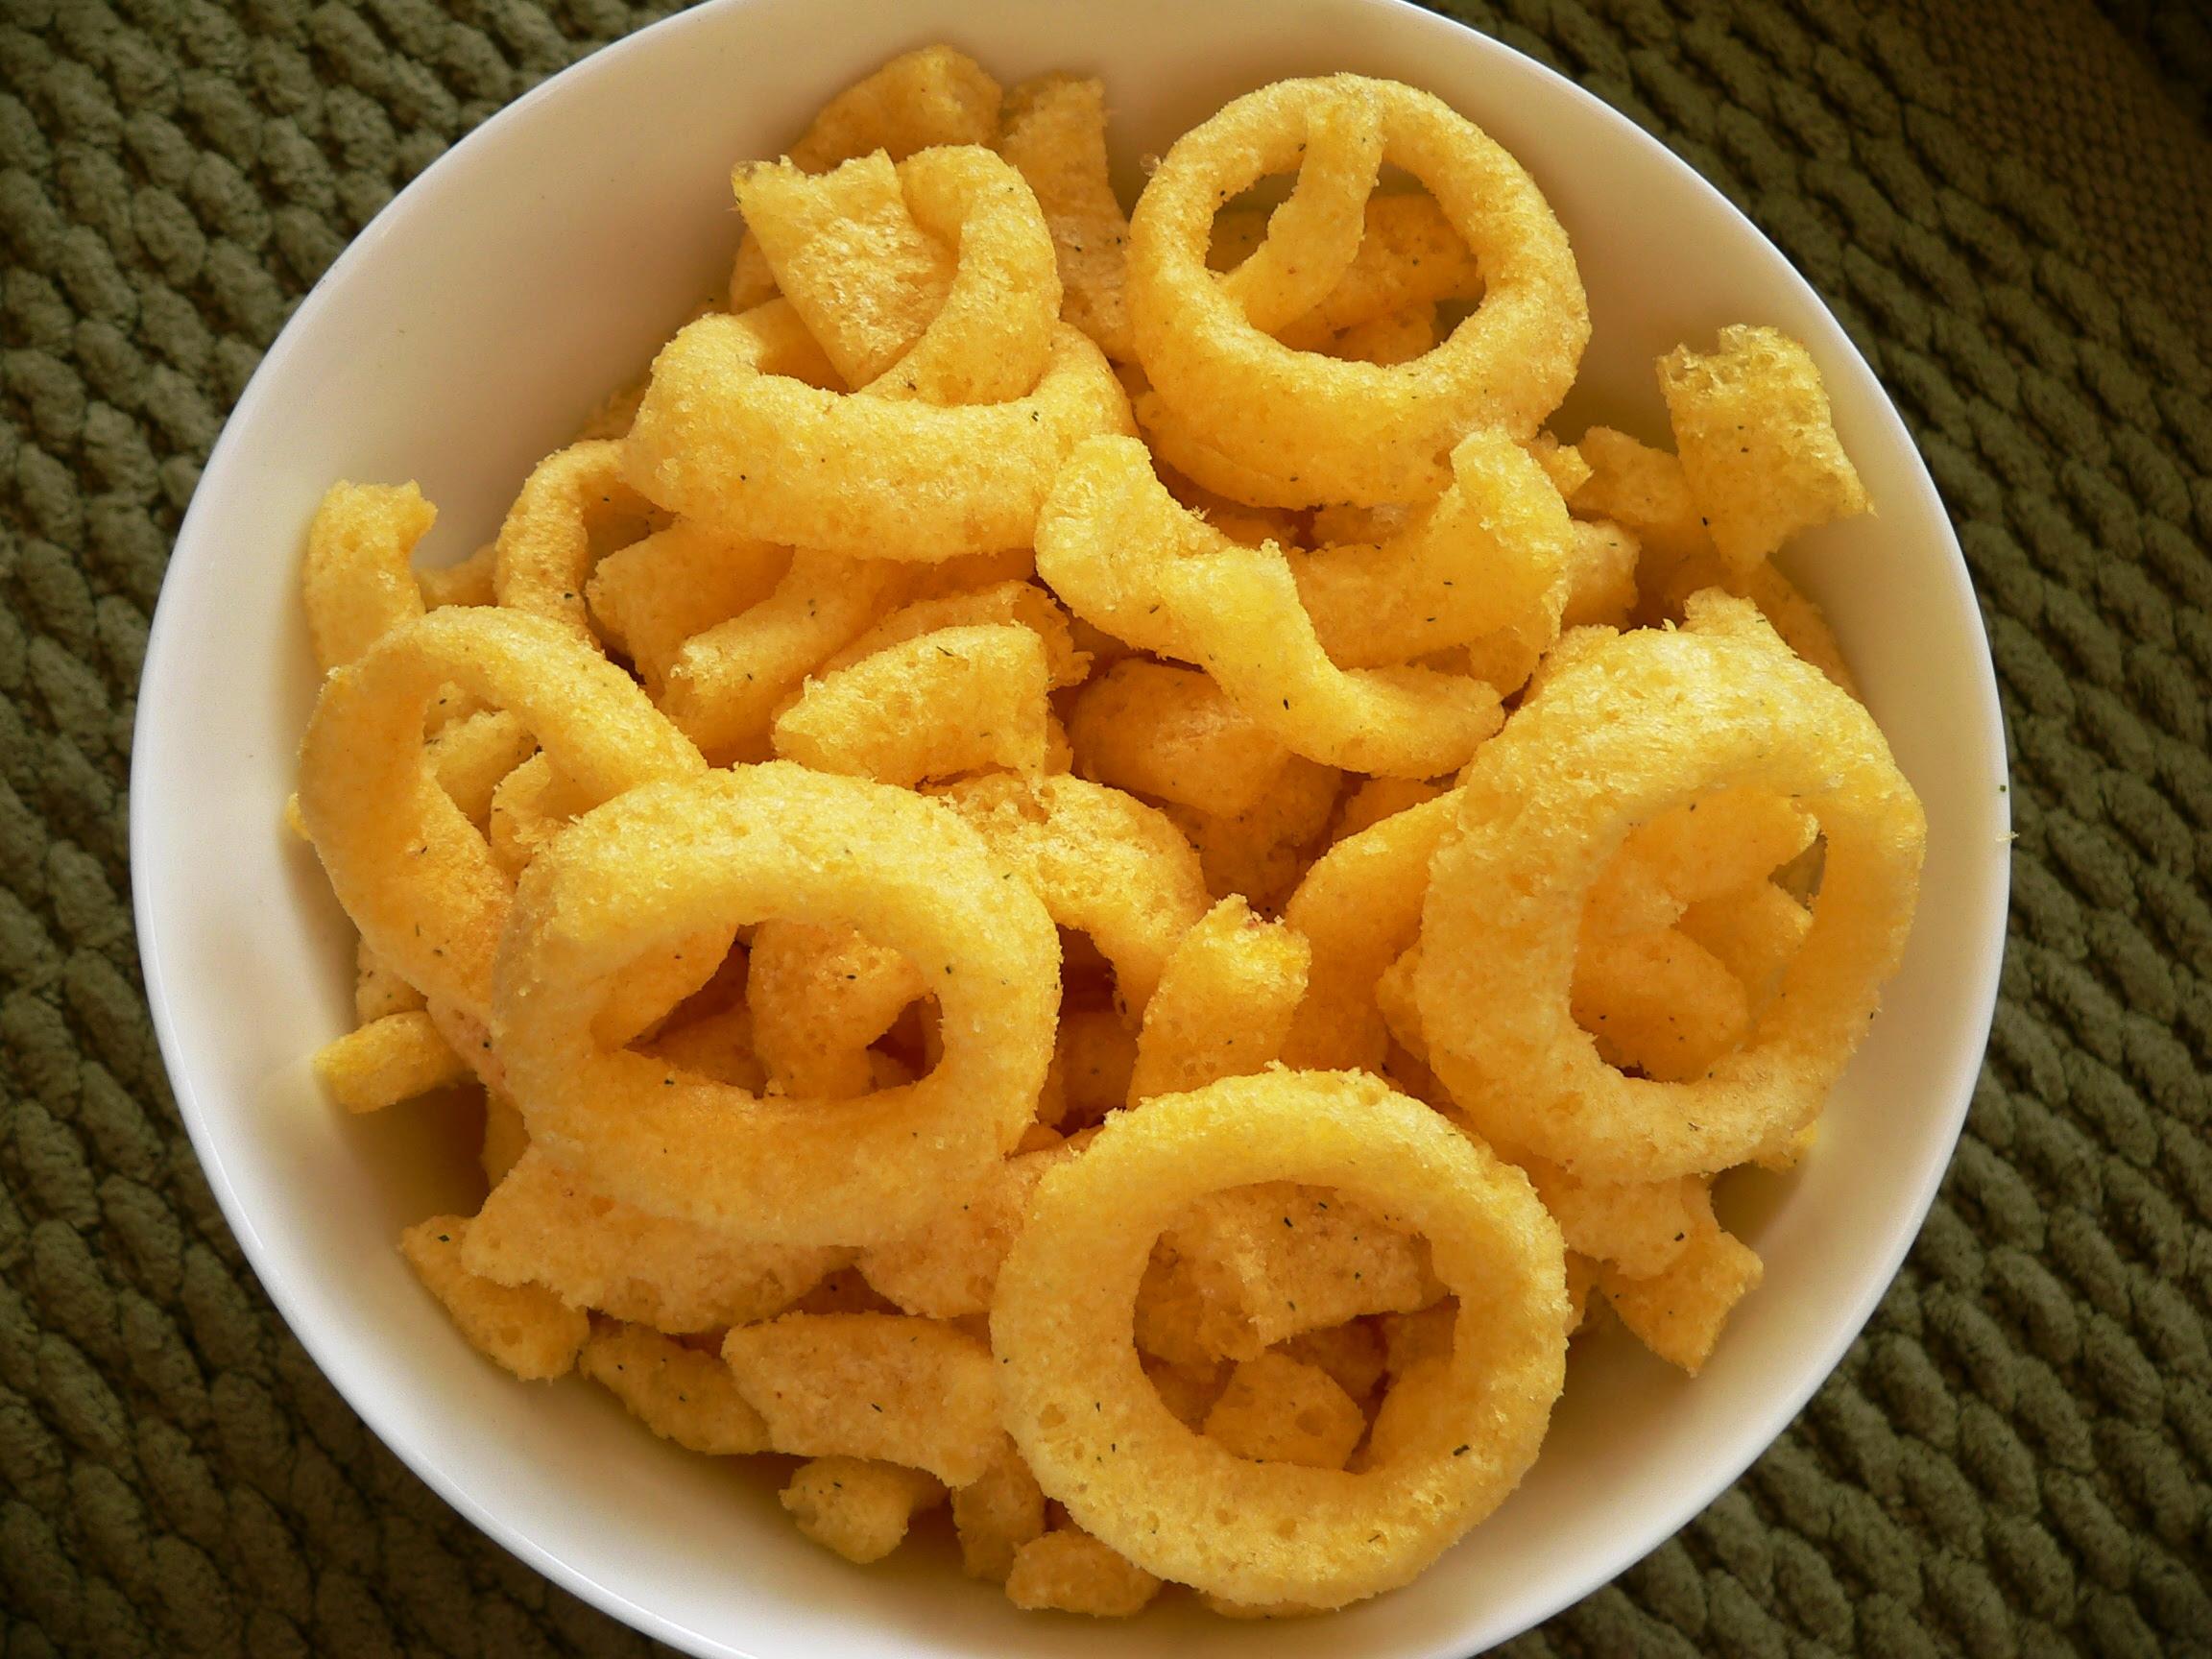 My New Favorite Snack - Gluten-free Onion Rings   Gluten ...